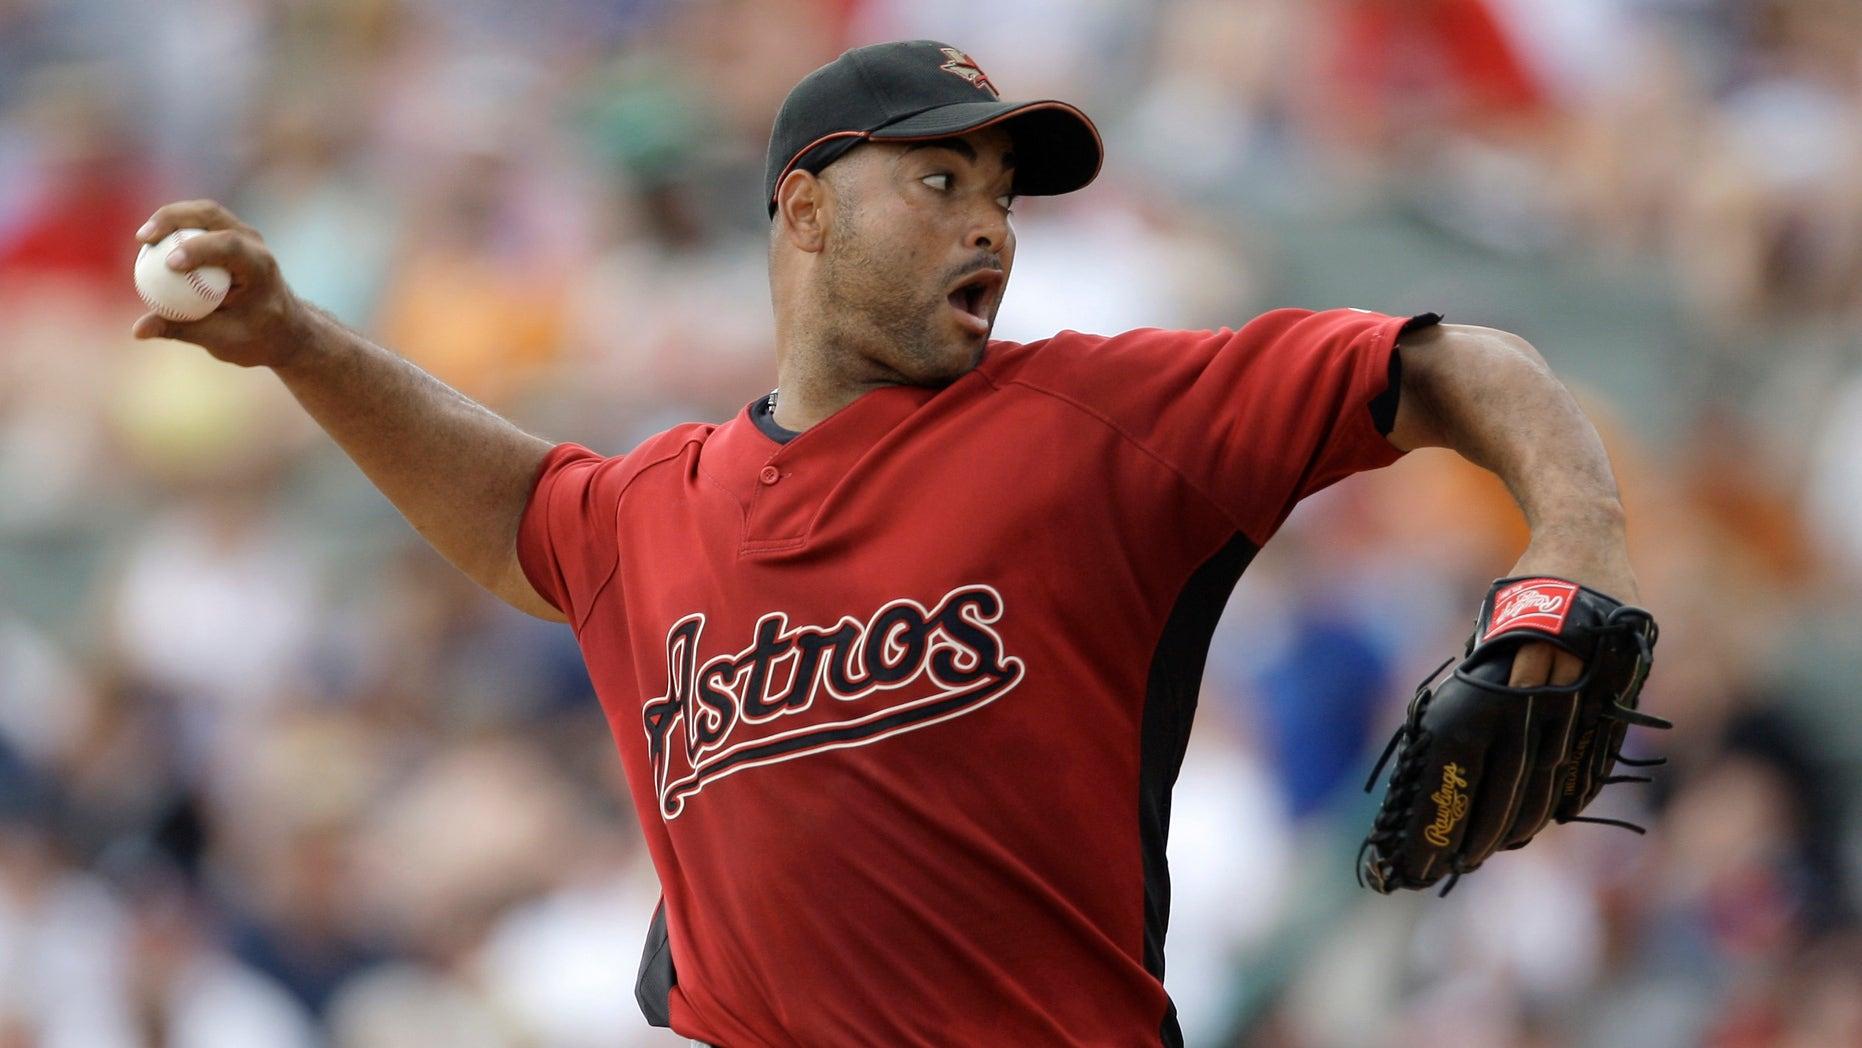 Jose Capellan in a March 15, 2009 file photo.